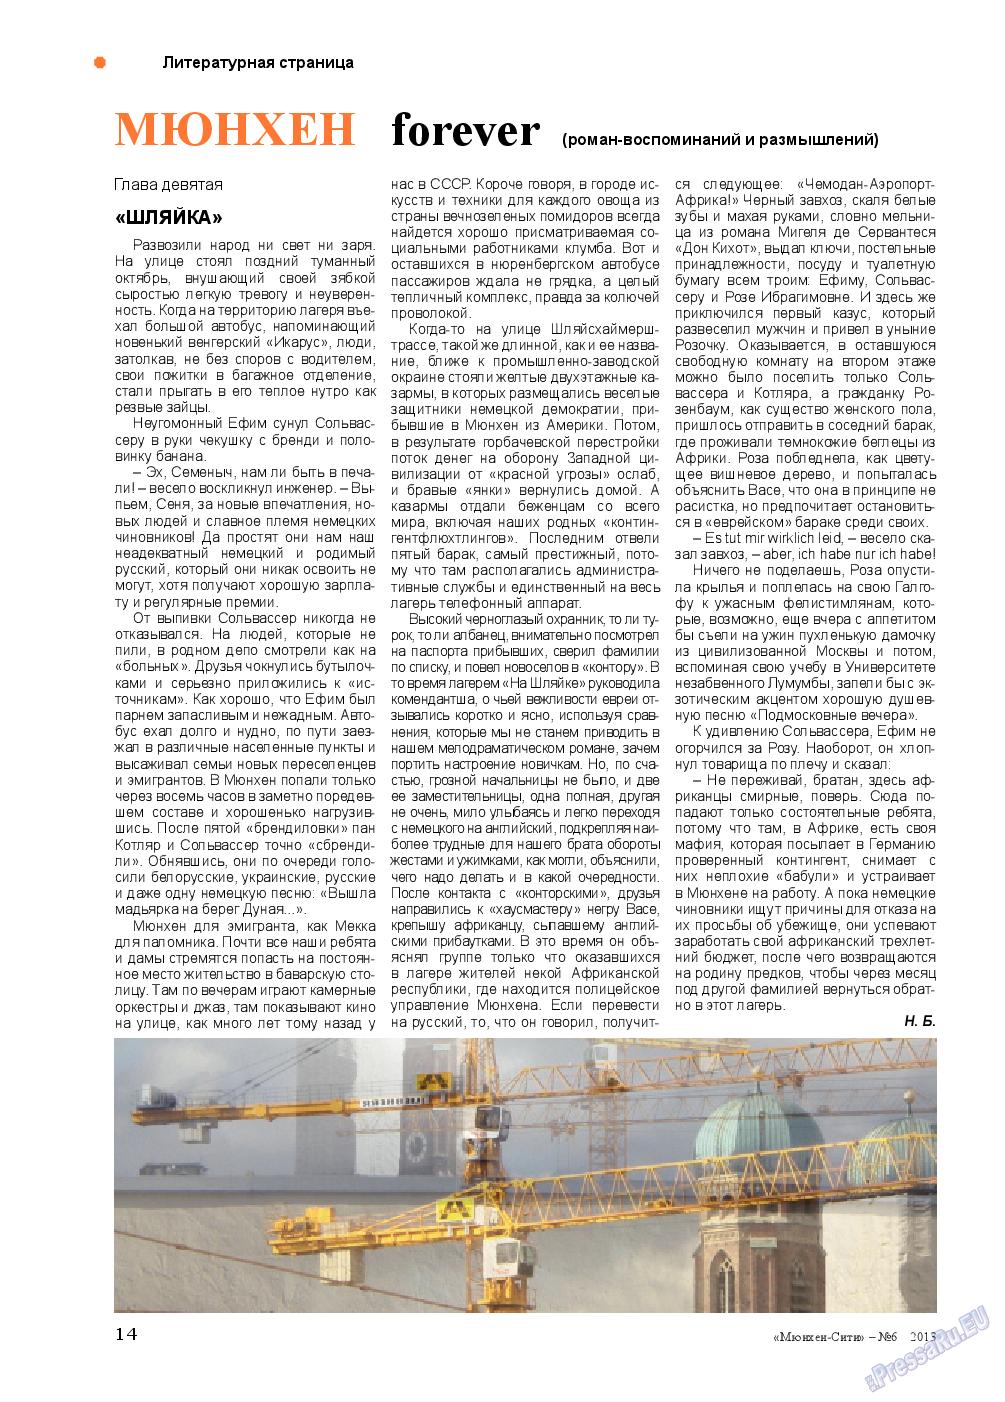 Мюнхен-сити (журнал). 2013 год, номер 6, стр. 14